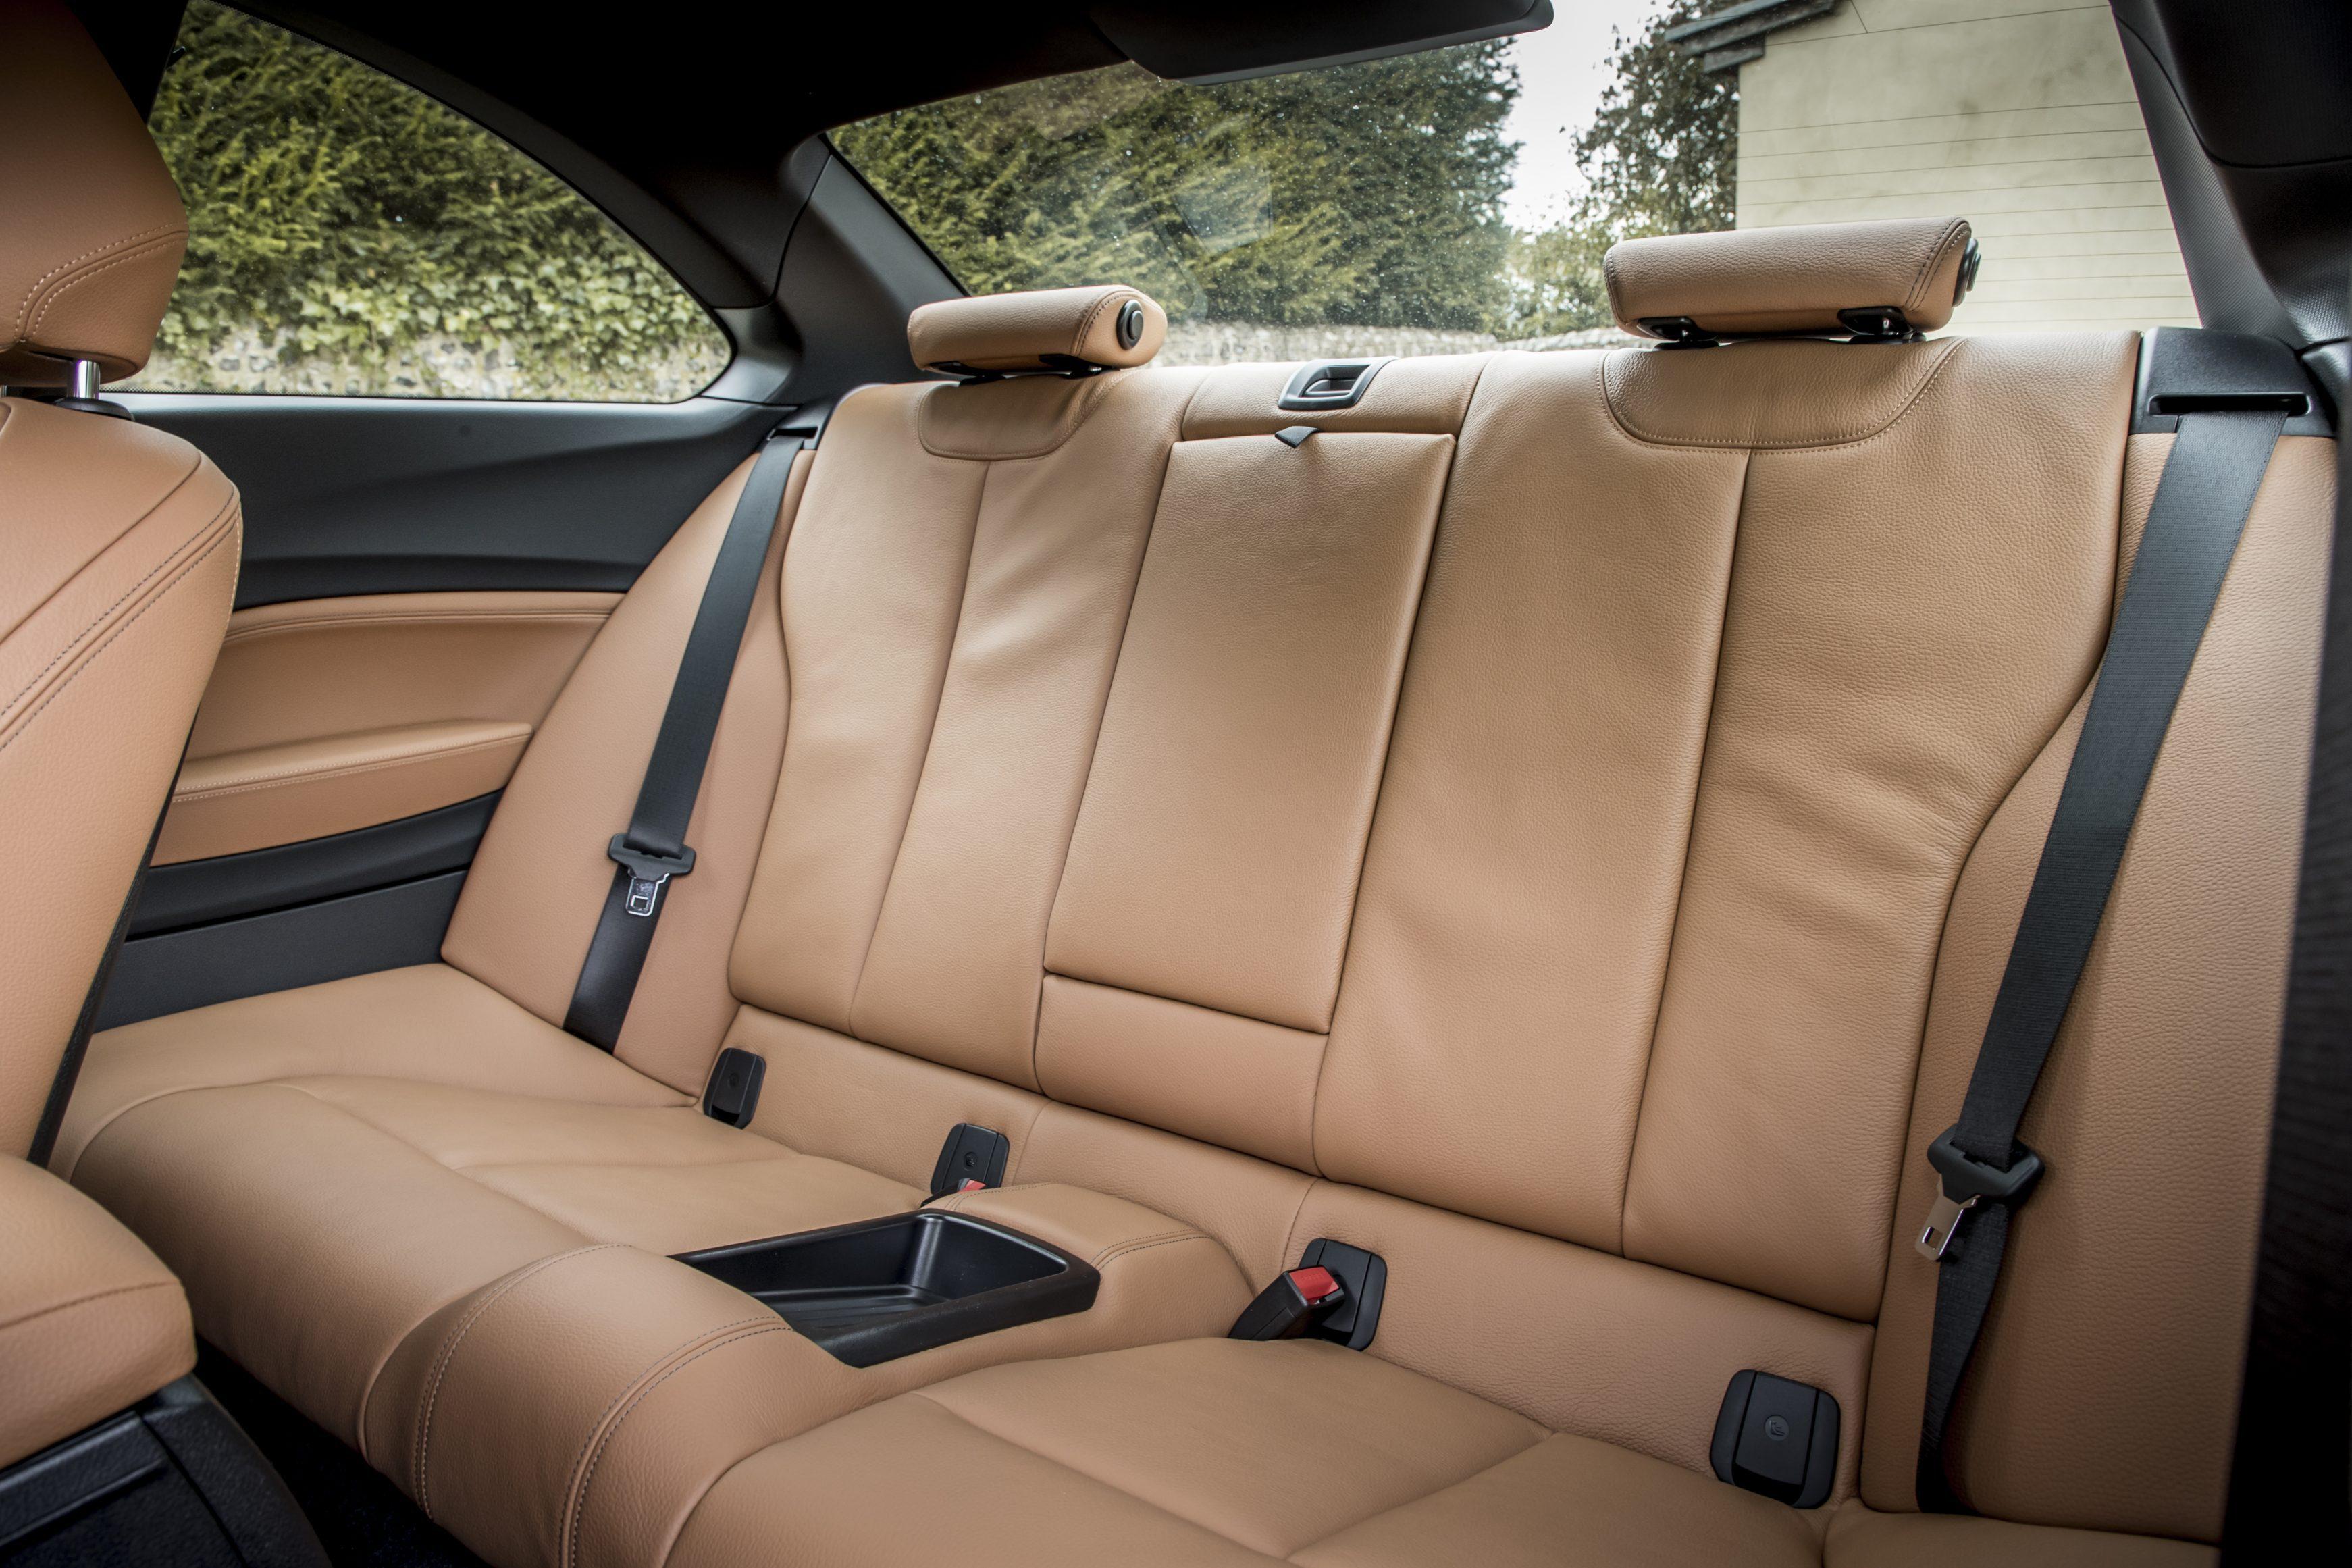 BMW 2 Series backseats